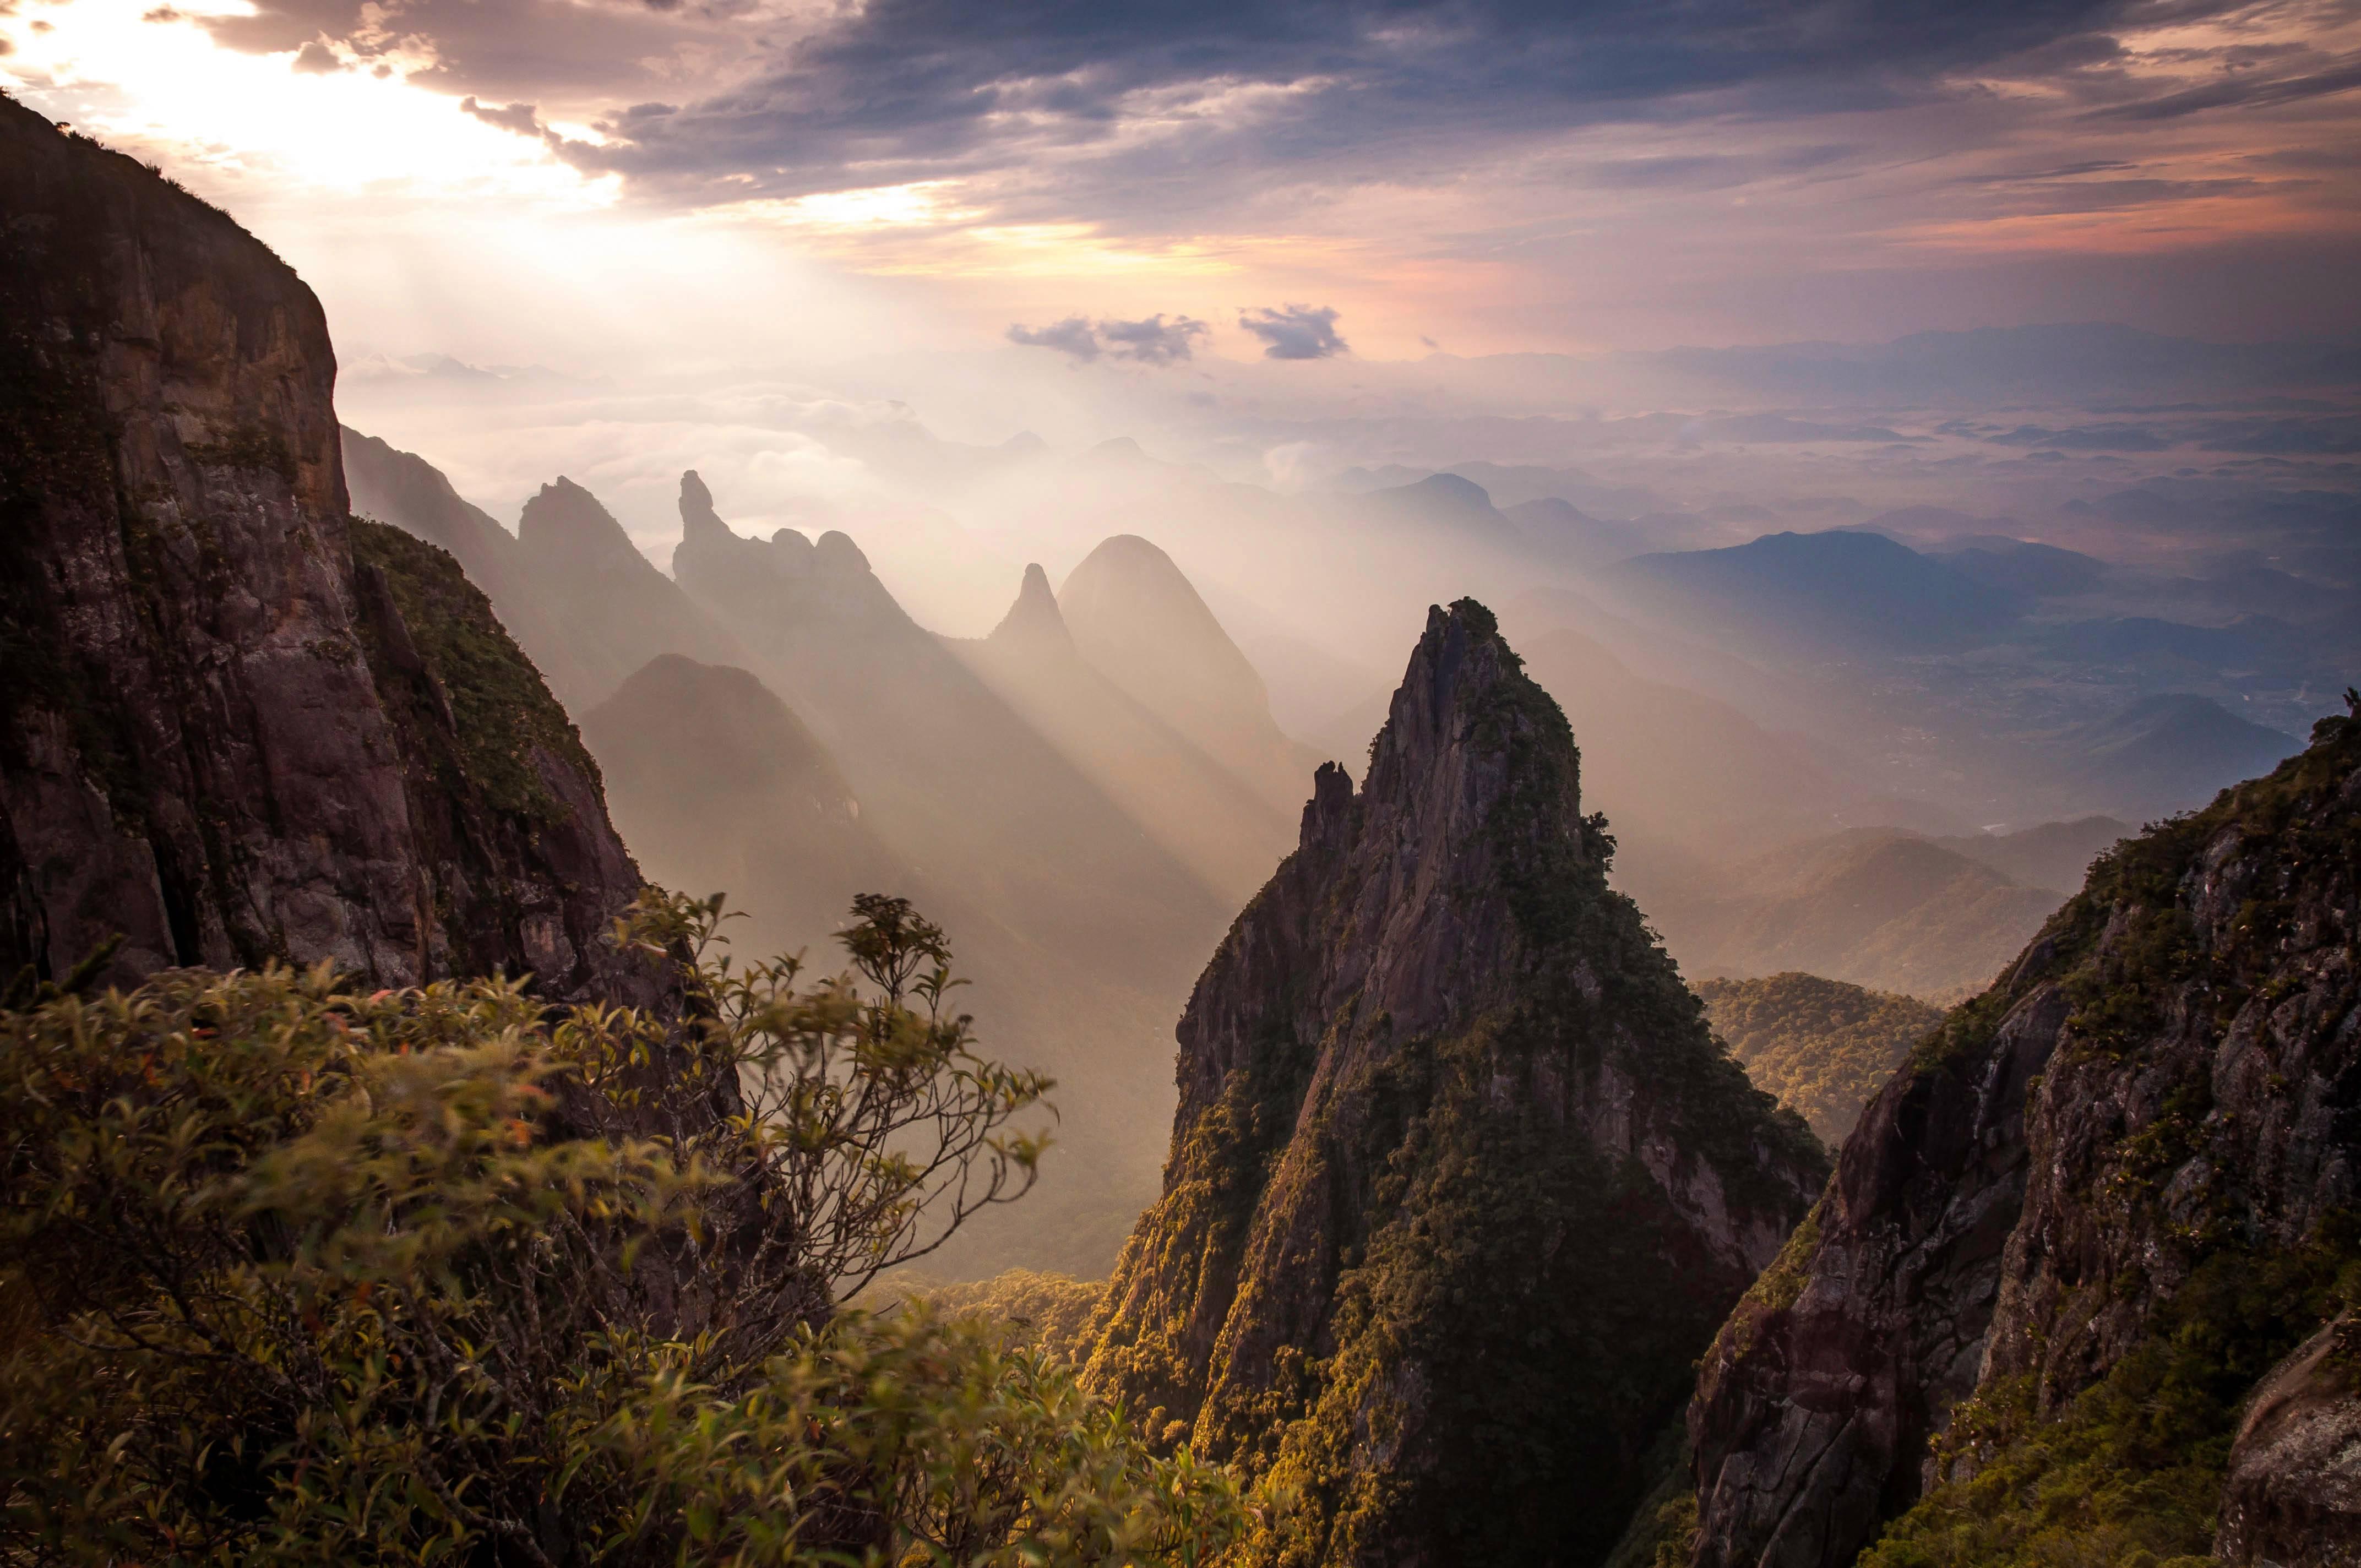 Formações rochosas e o cume do Dedo de Deus ao fundo no Parque Nacional da Serra dos Órgãos, no estado do Rio de Janeiro.